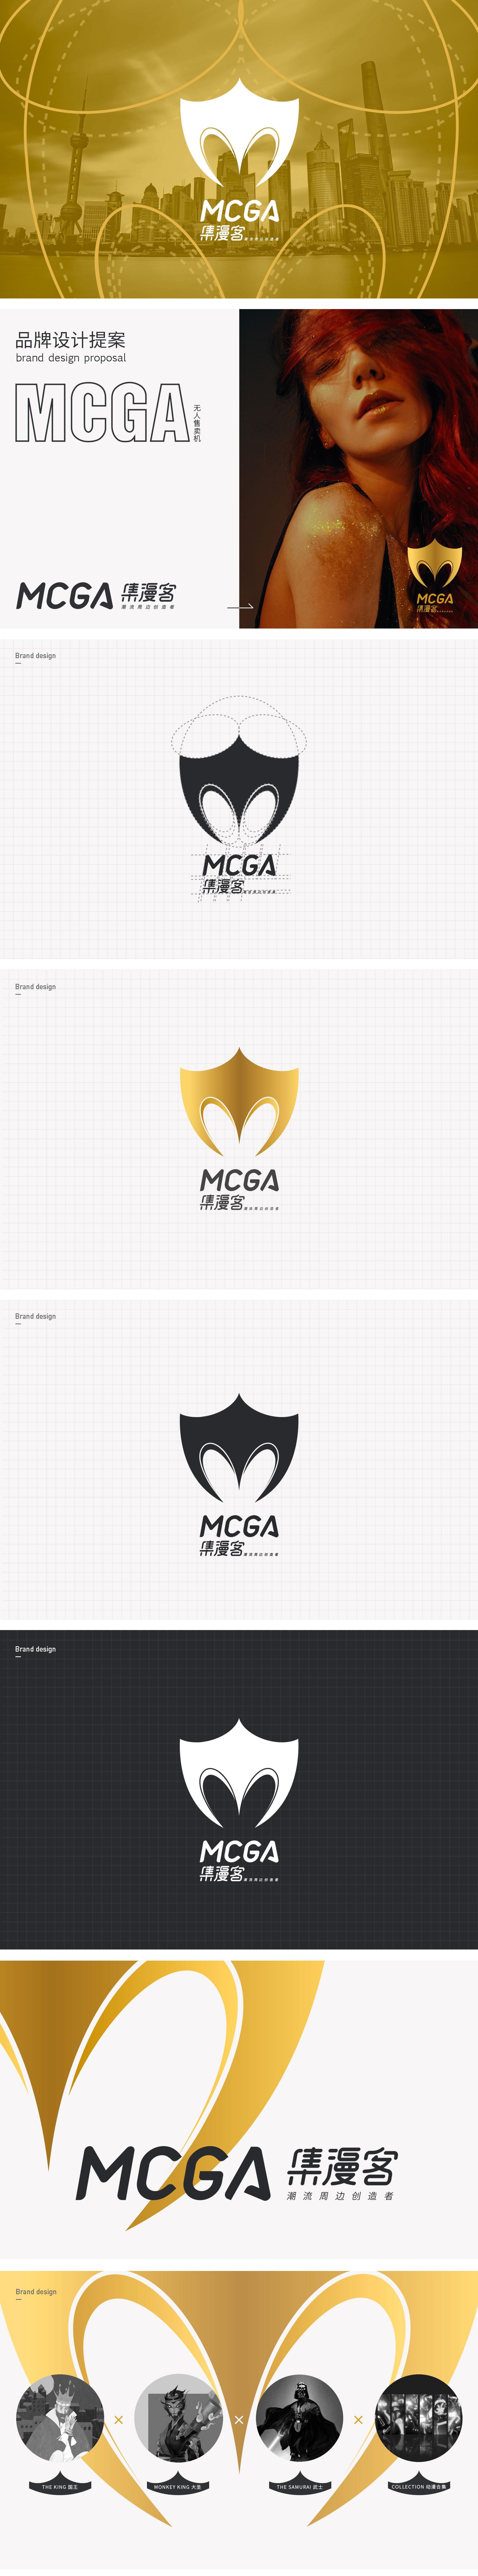 mcga | 无人售卖机品牌设计图片